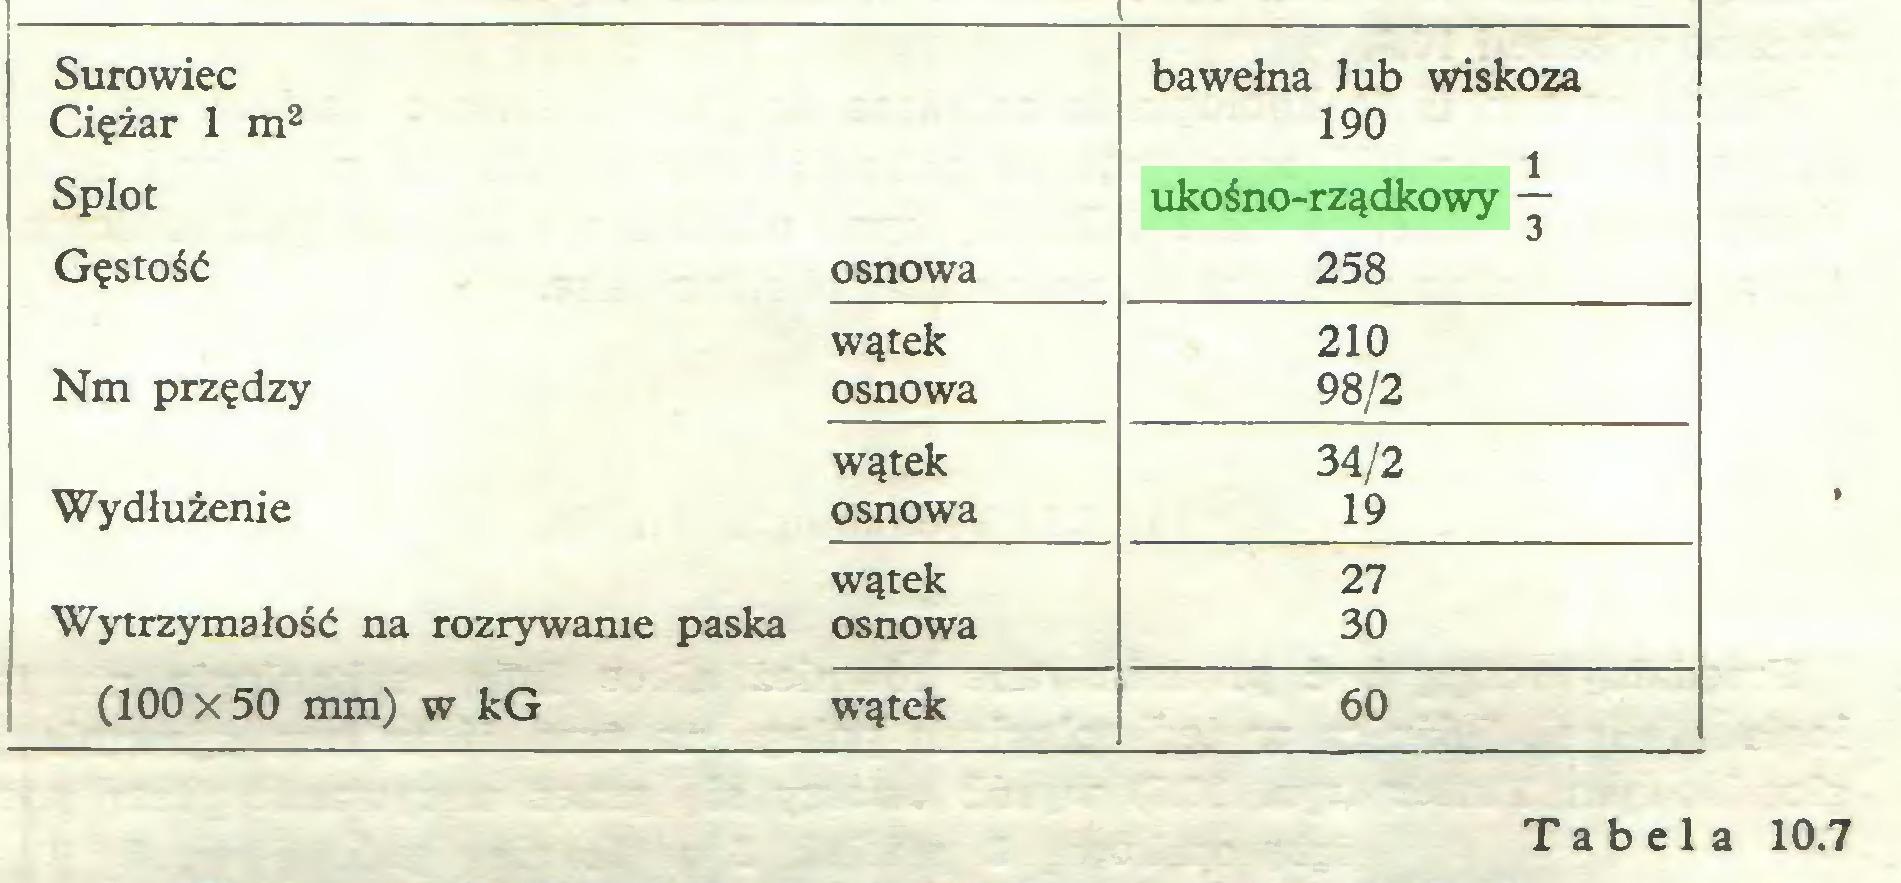 (...) Surowiec Ciężar 1 m2 Splot Gęstość osnowa bawełna Jub wiskoza 190 ukośno-rządkowy — 258 wątek Nm przędzy osnowa 210 98/2 wątek Wydłużenie osnowa 34/2 19 wątek Wytrzymałość na rozrywanie paska osnowa 27 30 (100x50 mm) w kG wątek 60 Tabela 10.7...